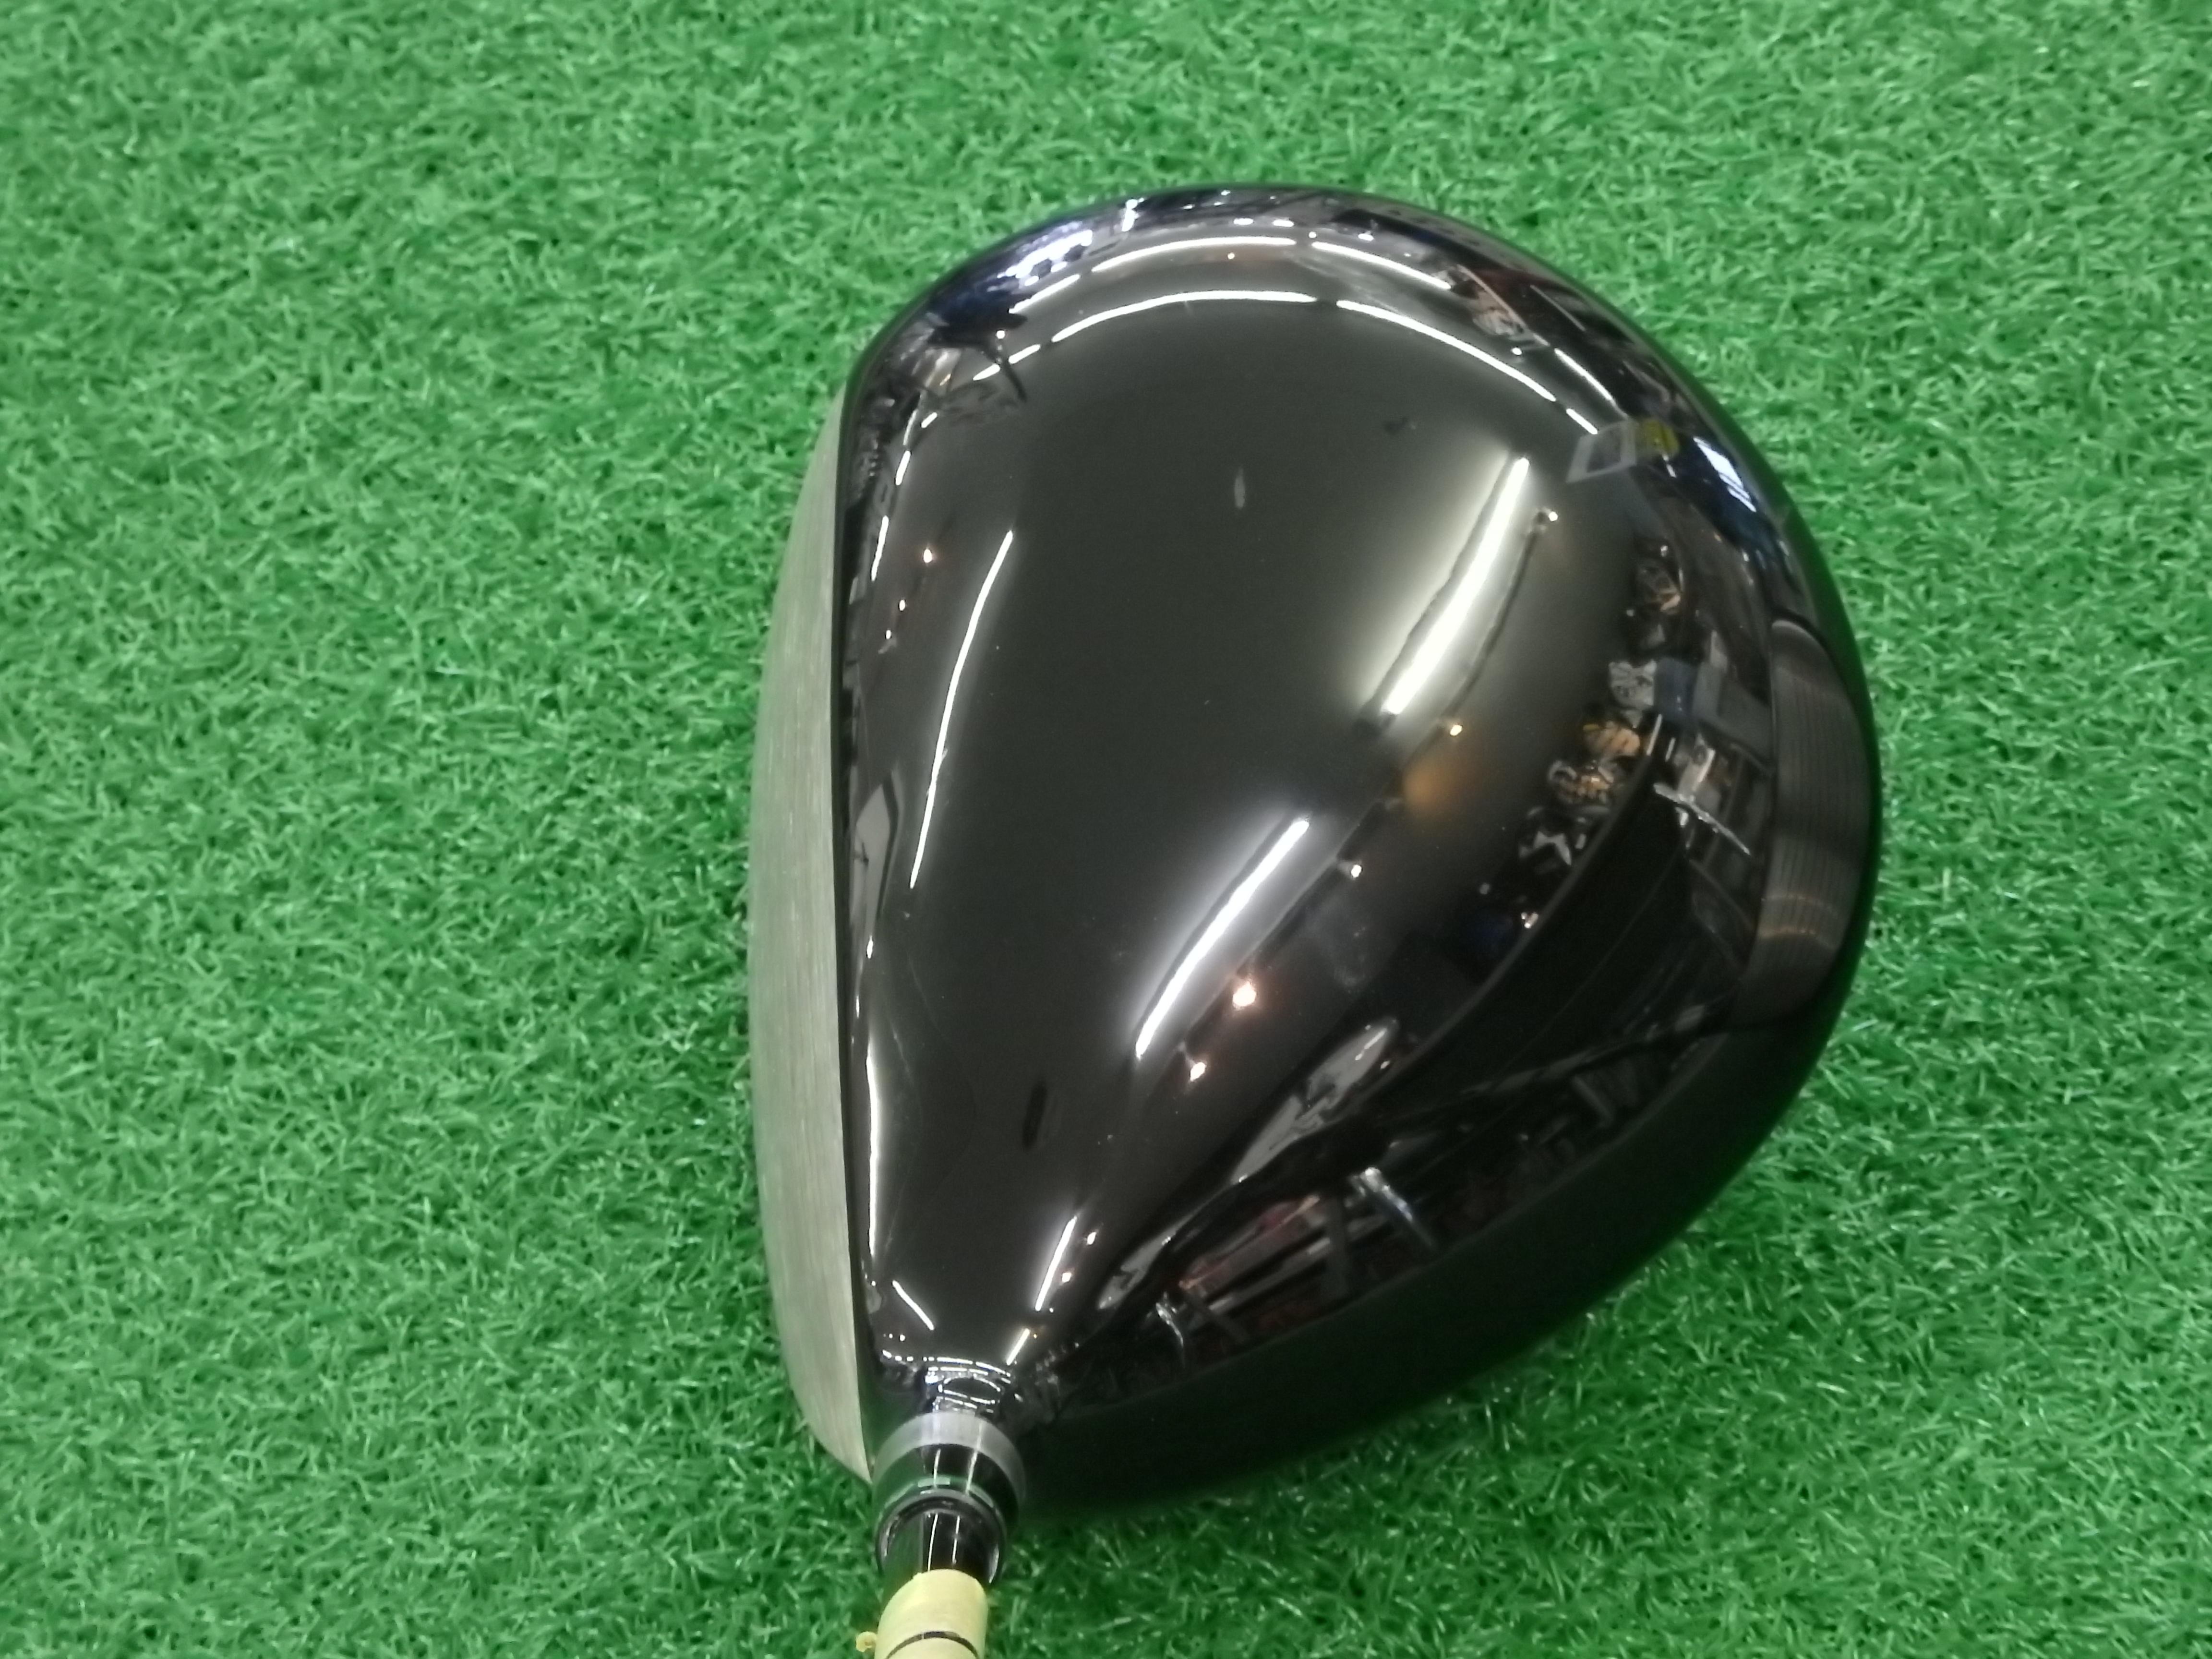 ゴルフ用品販売の第一ゴルフ第一ゴルフ 堺店のブログバルドの新製品TTXが人気です。